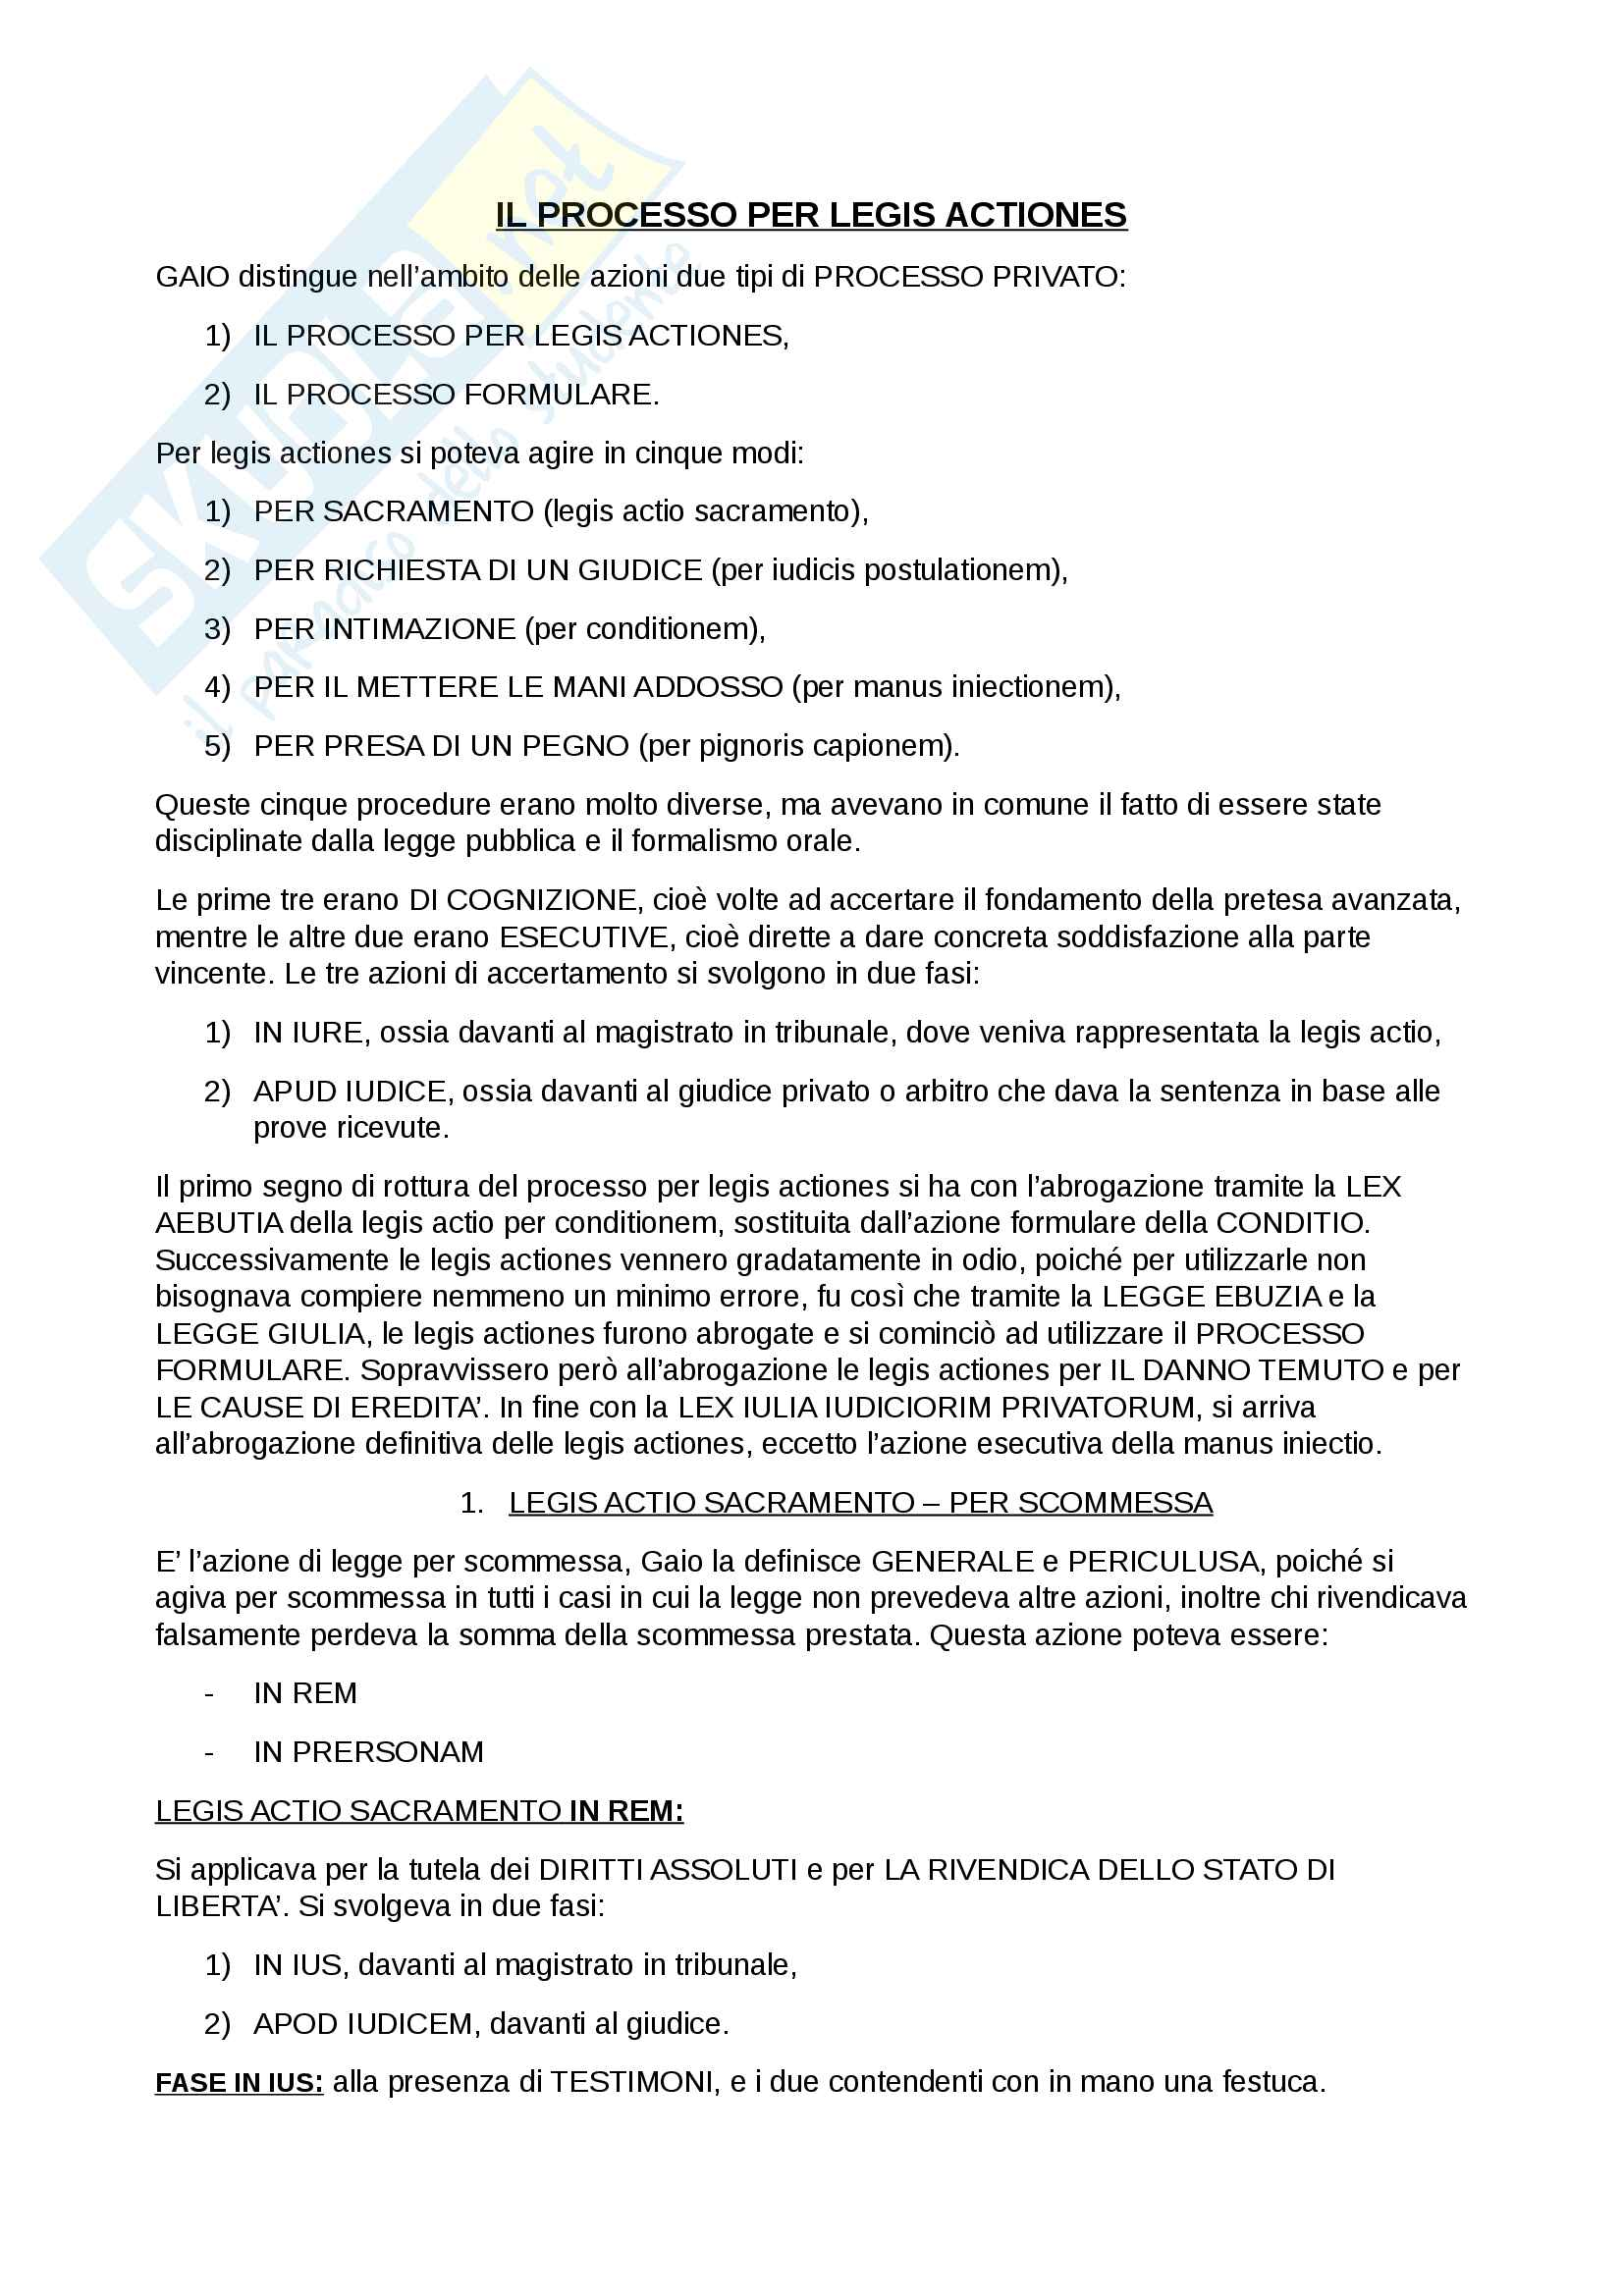 Appunti di istituzioni di diritto romano: processo per legis actiones e processo formulare (parte orale)